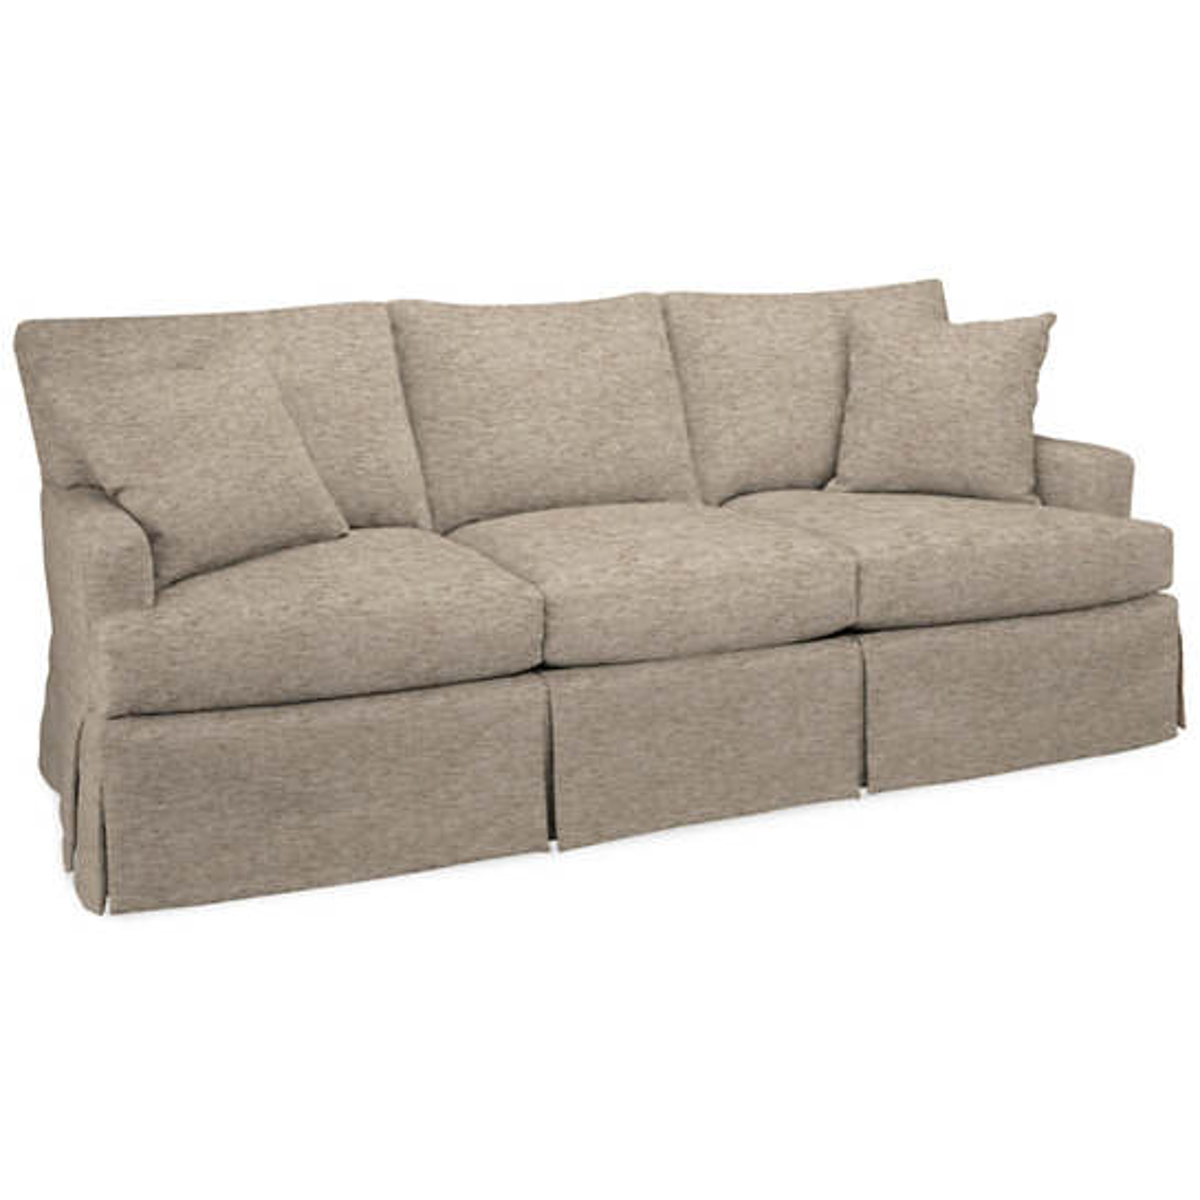 Bark Velvet Stone Saybrook 3 Seater Slipcovered Sofa